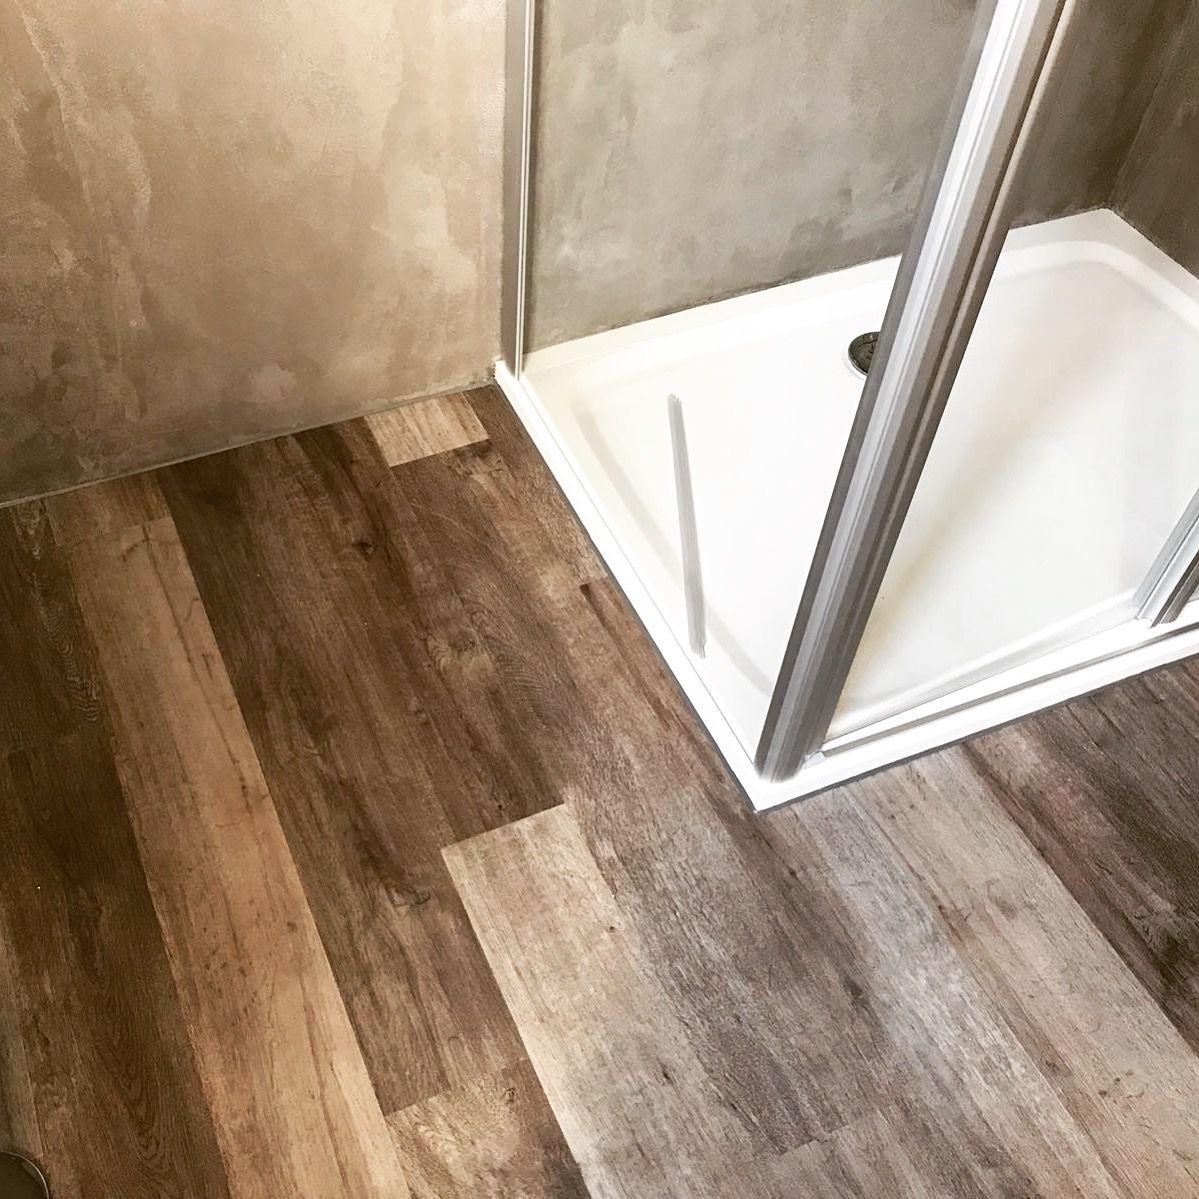 Trebes Raumausstattung Und Inneneinrichtung Leistungen Bodengleiche Dusche Fliesen Vinyl Fussboden Vinylboden Holzoptik